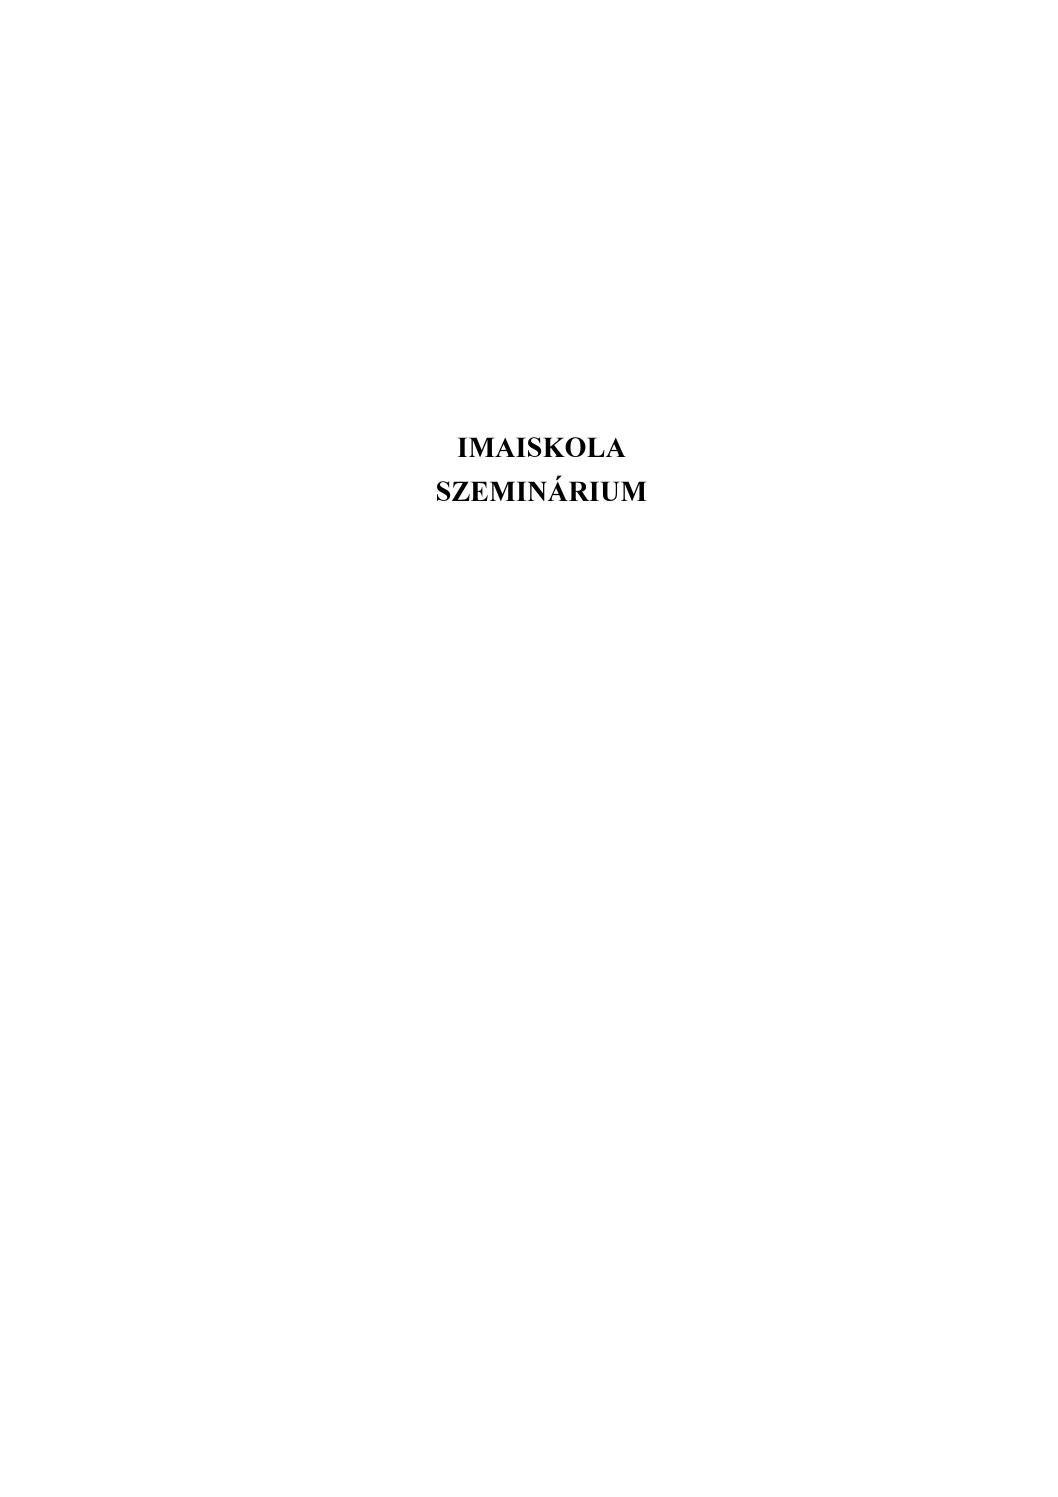 Münchausen by proxy (kivetített Münchausen-szindróma) tünetei és kezelése